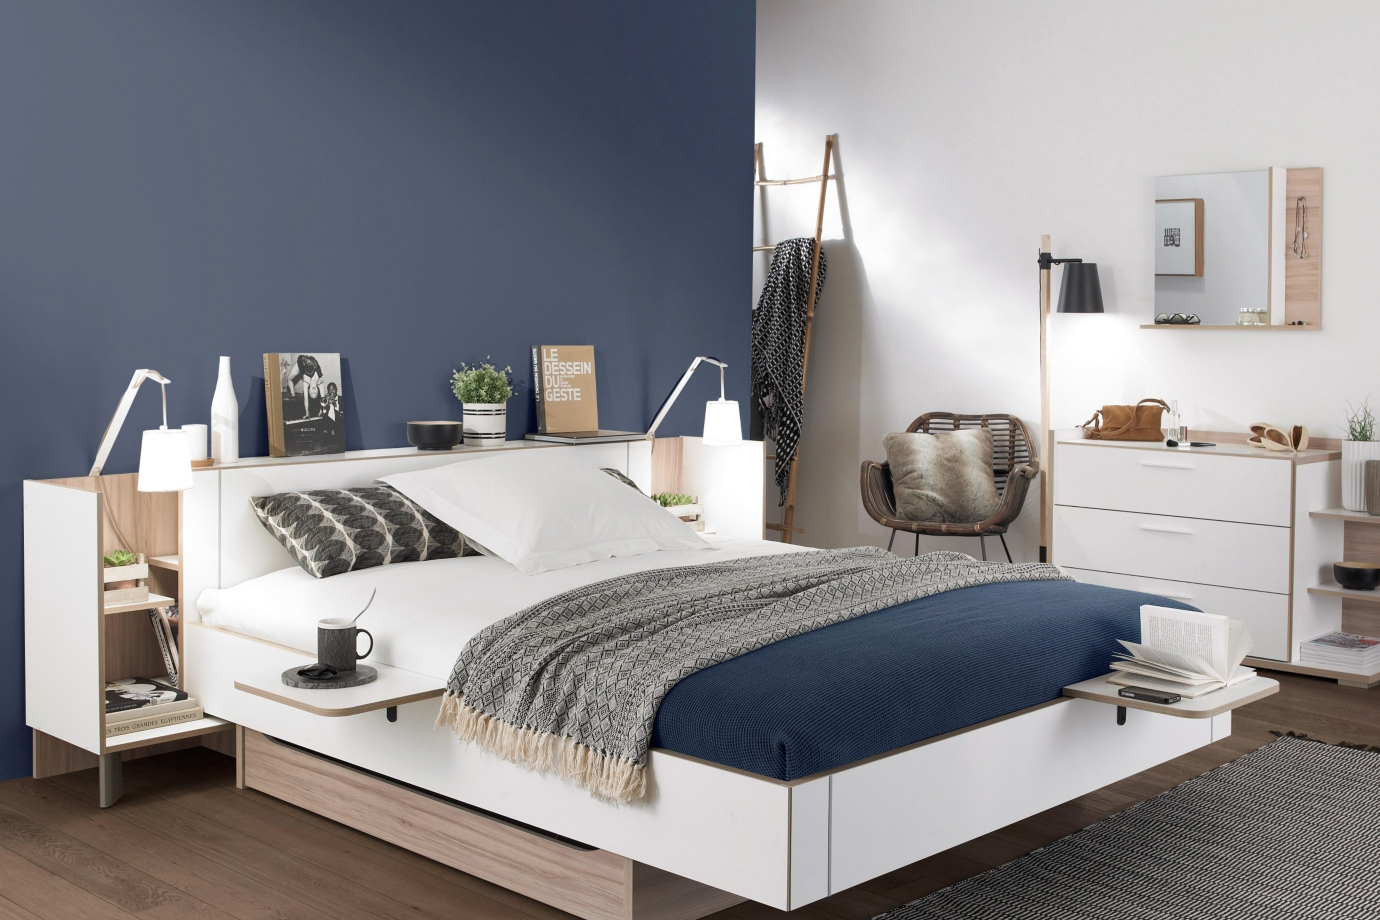 La Redoute Ameublement Chambre notre sélection de meubles gain de place pour optimiser